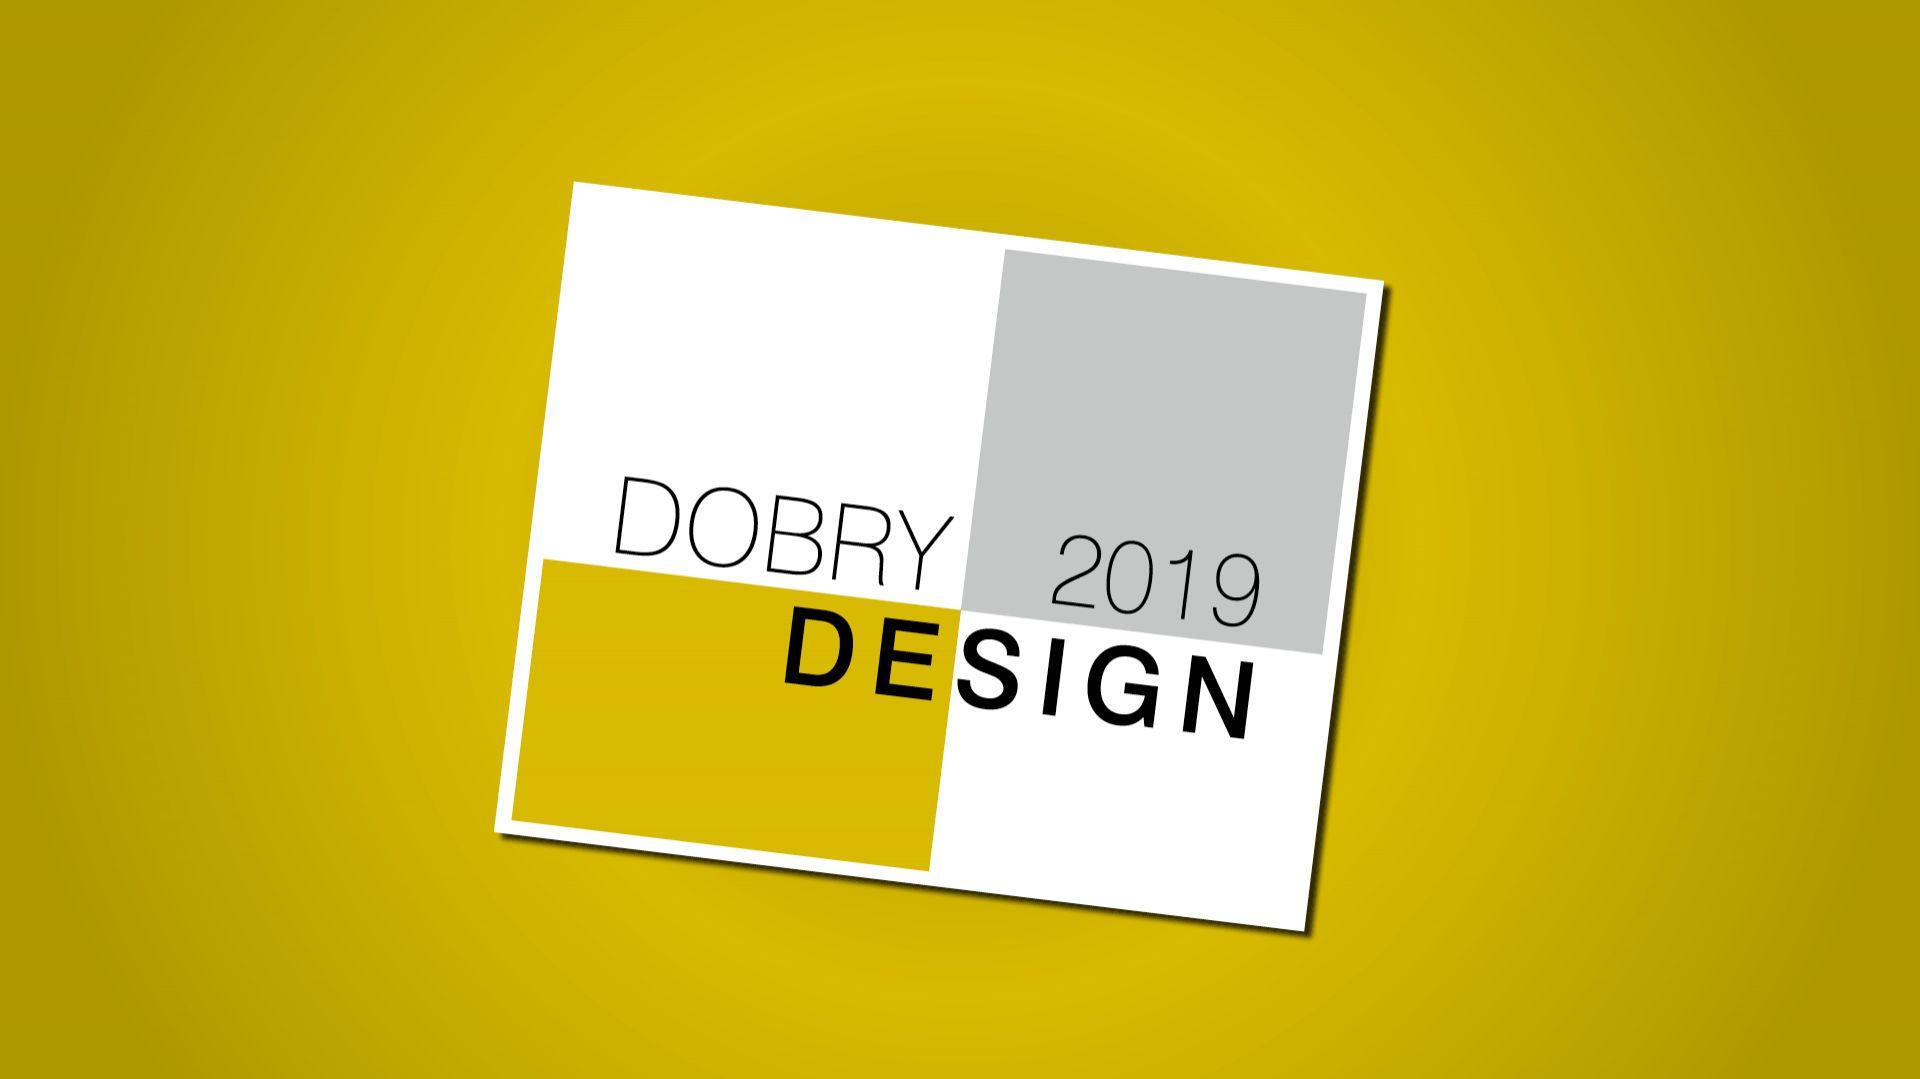 dd-2019-fhd3.png